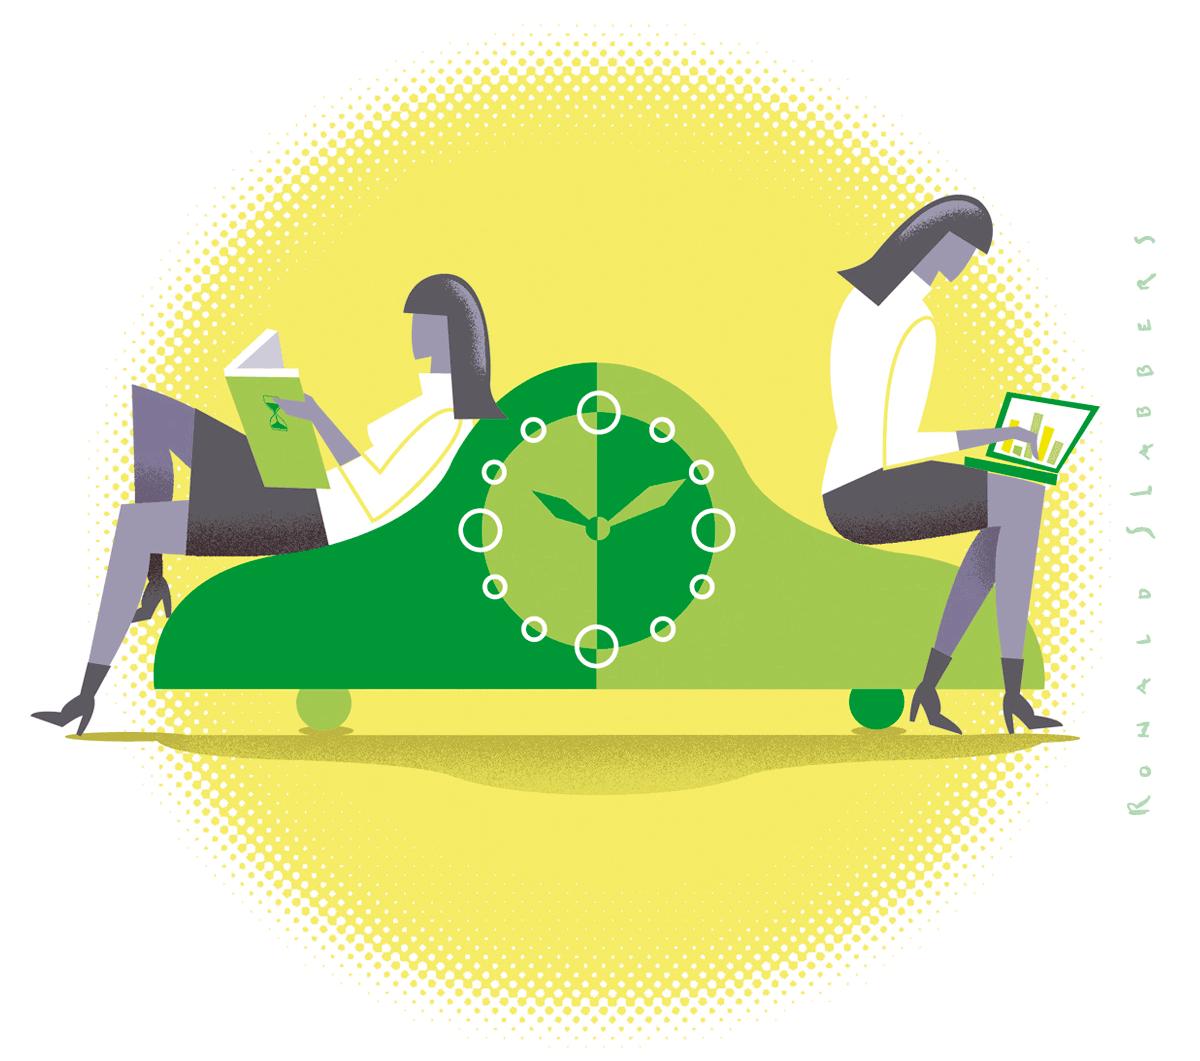 illustratie, zakenvrouwen zittend op vintage klok. De ene vrouw leest ontspannen een boek, de andere vrouw werkt op een laptop.